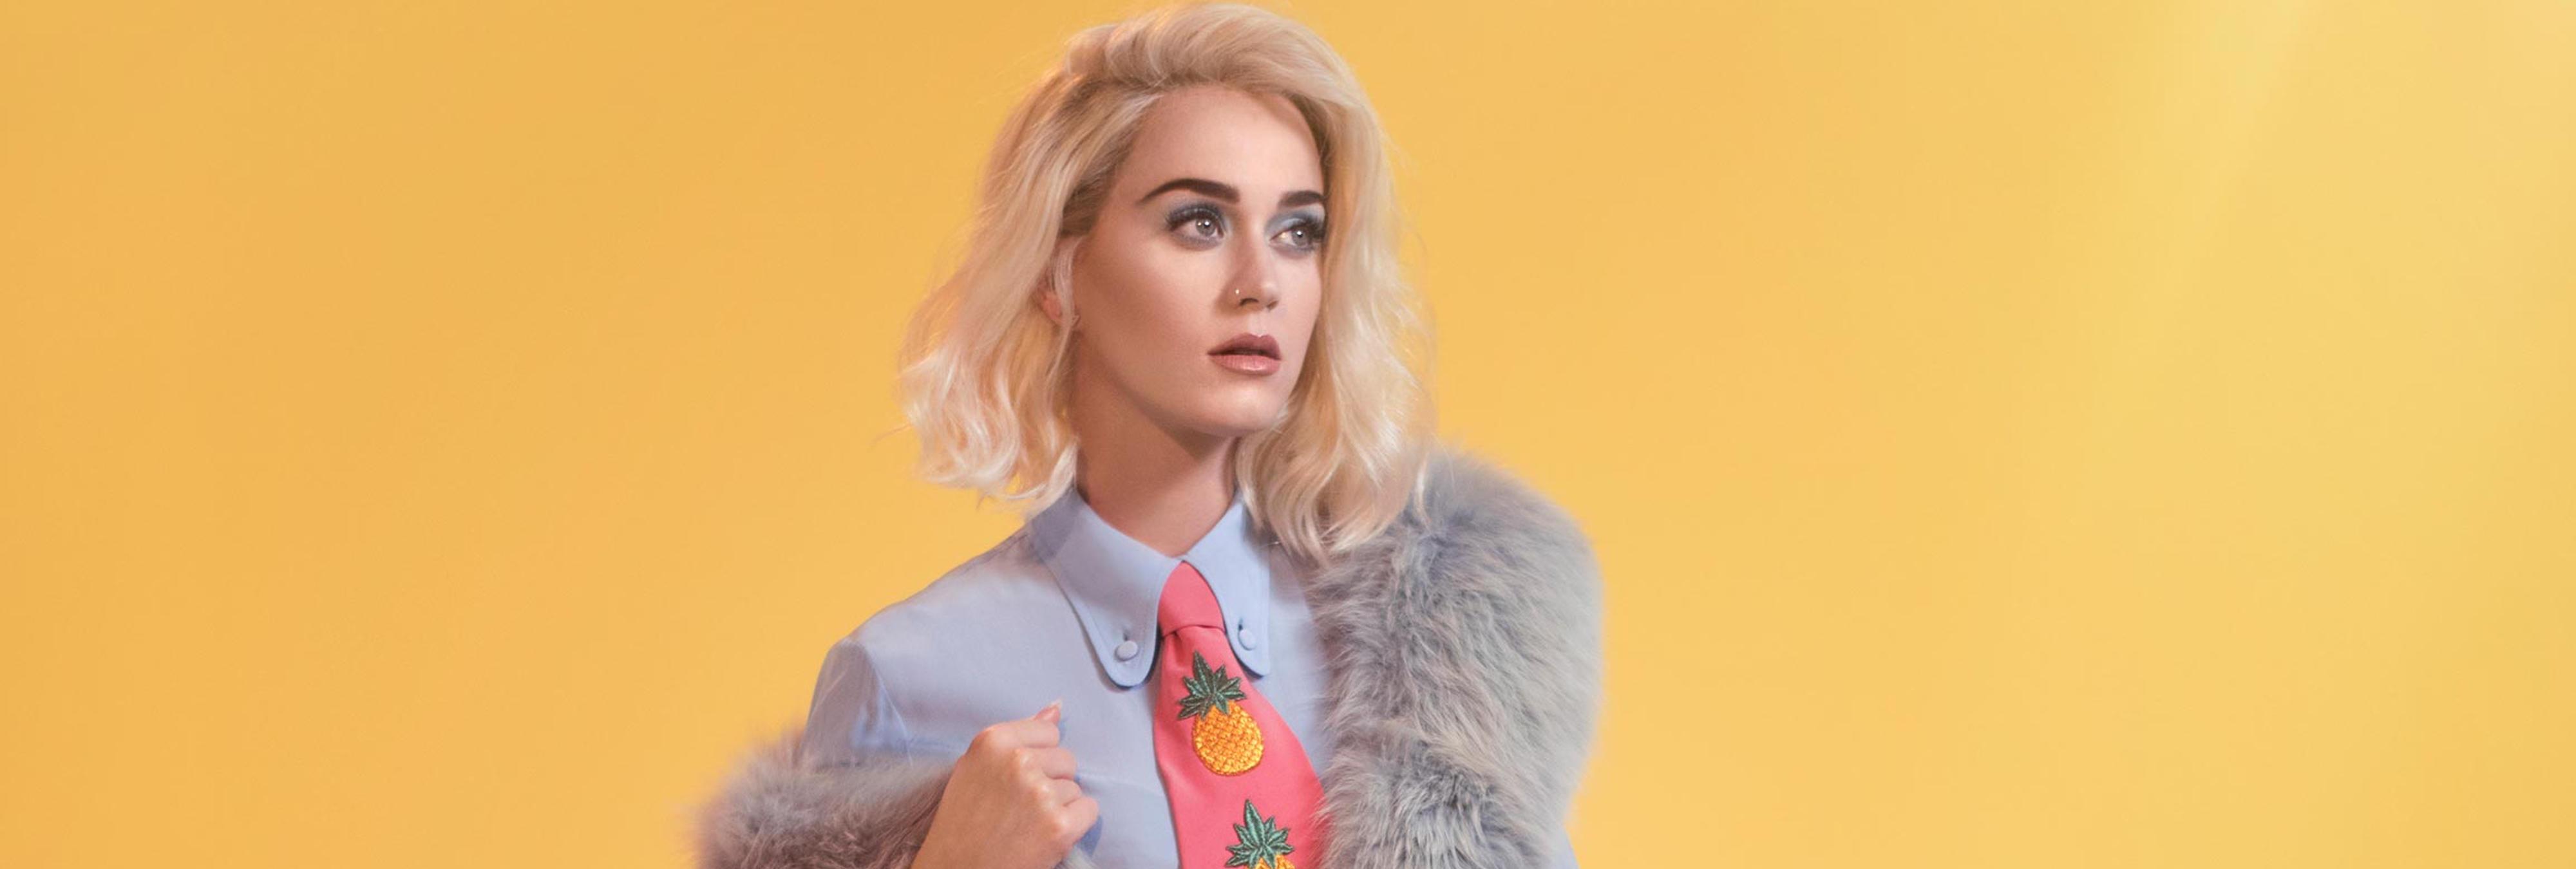 China veta a Katy Perry, por lo que no podrá actuar en el desfile de Victoria's Secret